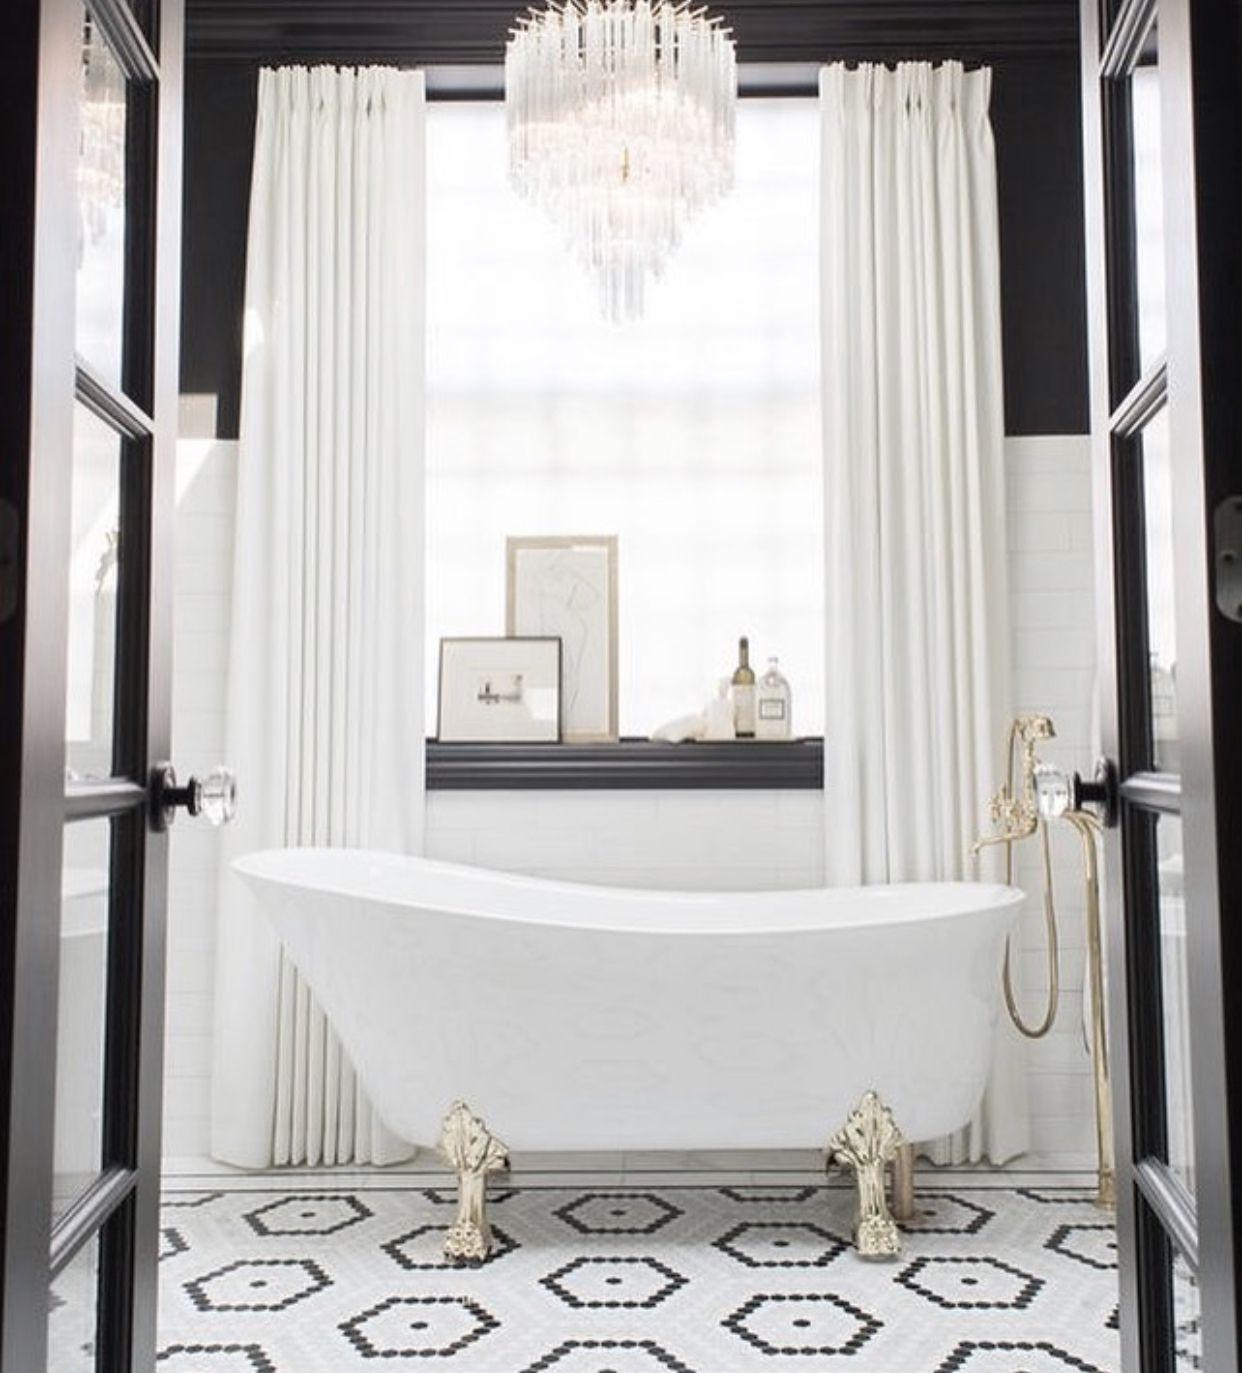 Pin By Kathleen Kilgore On Comanche In 2020 Hexagon Tile Bathroom Bathroom Hexagon Tiles